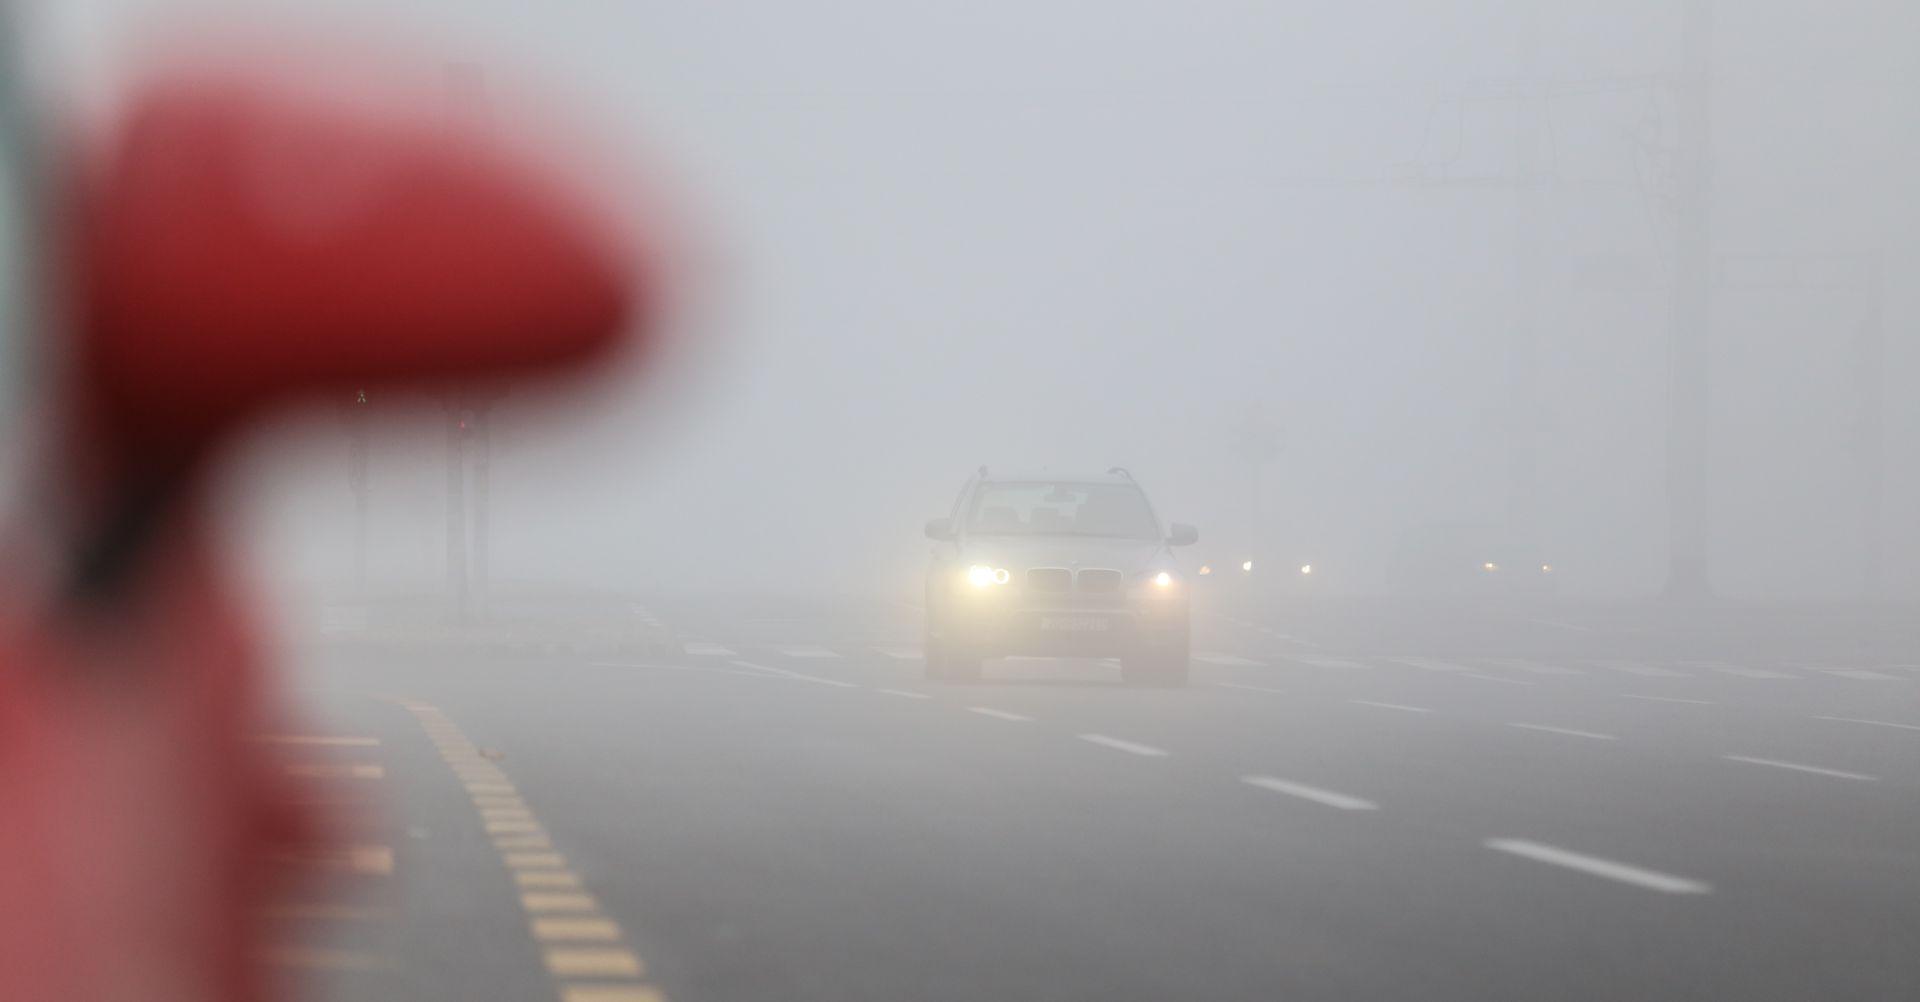 HAK Magla u unutrašnjosti smanjuje vidljivost i usporava vožnju